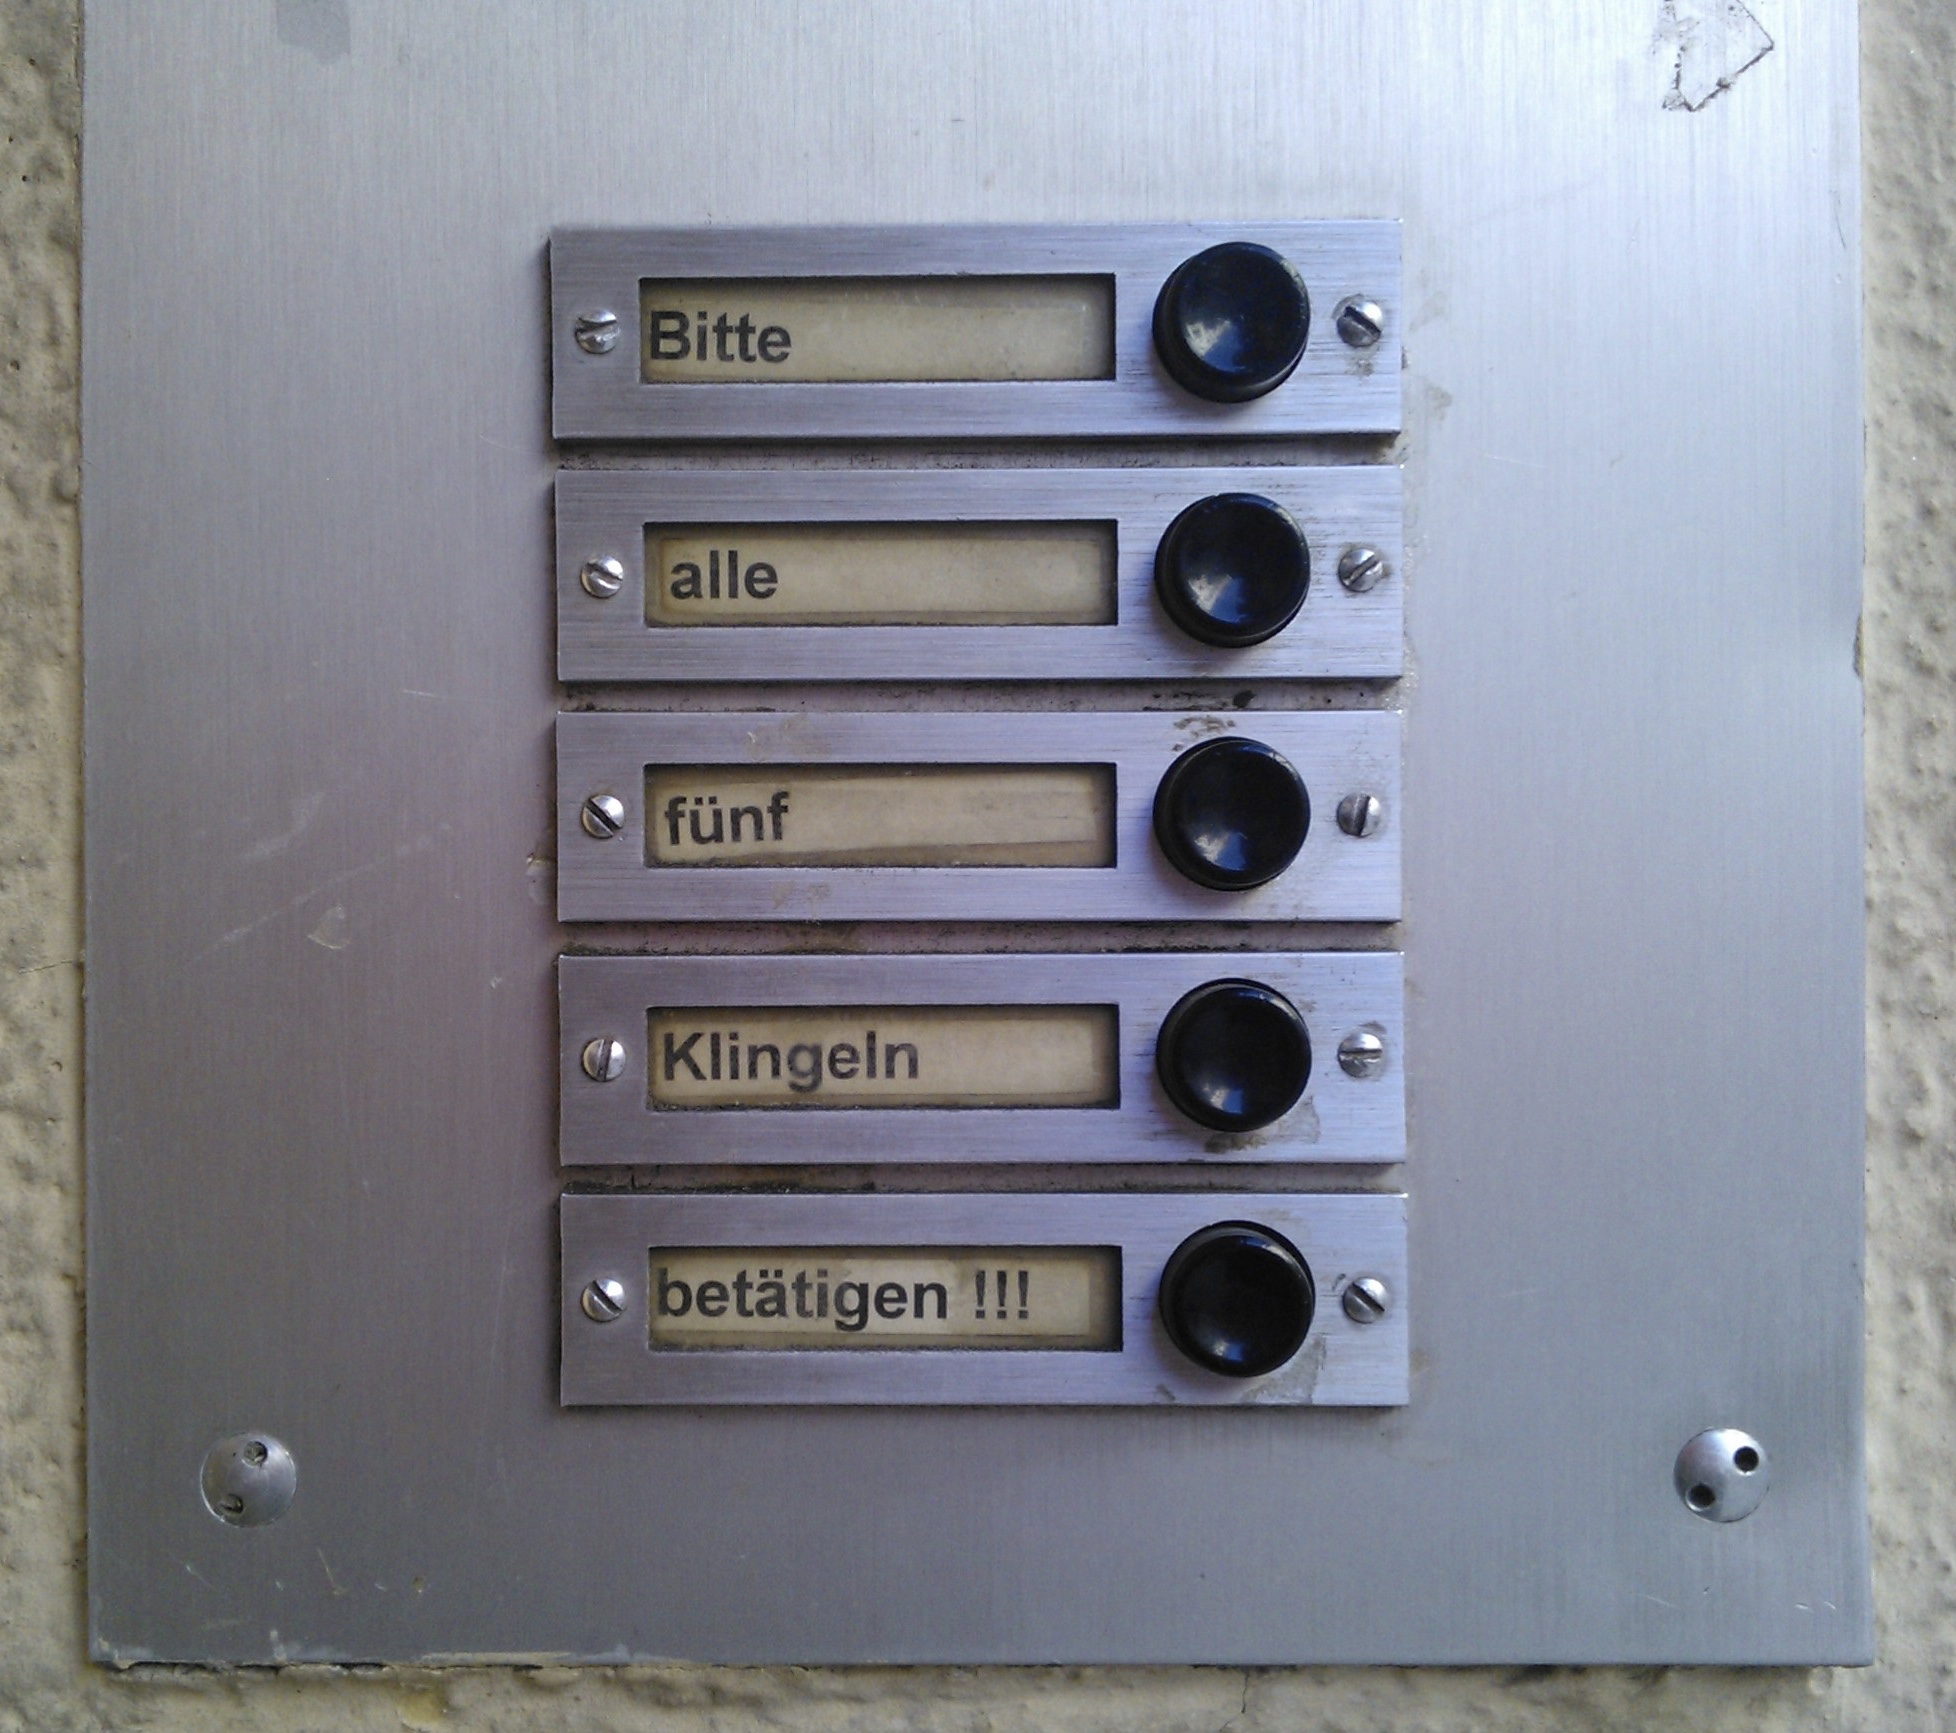 Foto: Fünf Türklingeln in vertikaler Anordnung mit der Beschriftung «Bitte» «alle» «fünf» «Klingeln» «bestätigen !!!»